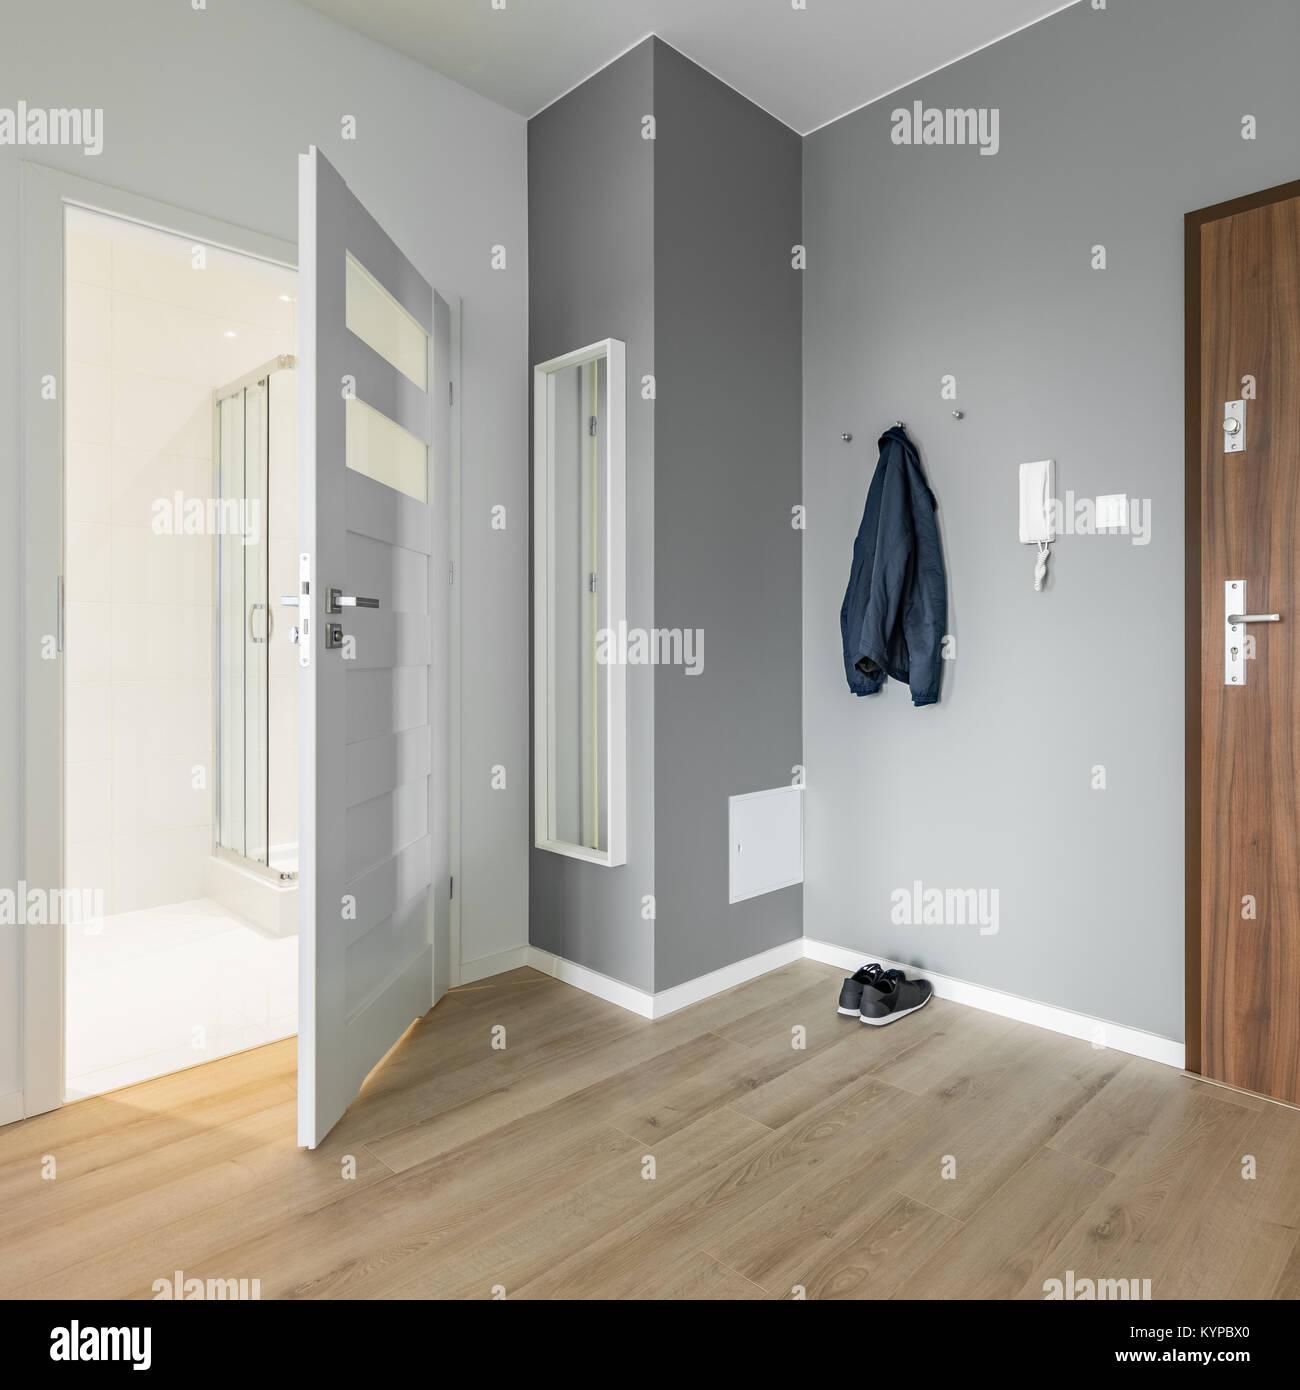 grau und wei eingangsbereich mit h lzernen t r und spiegel stockfoto bild 171981320 alamy. Black Bedroom Furniture Sets. Home Design Ideas